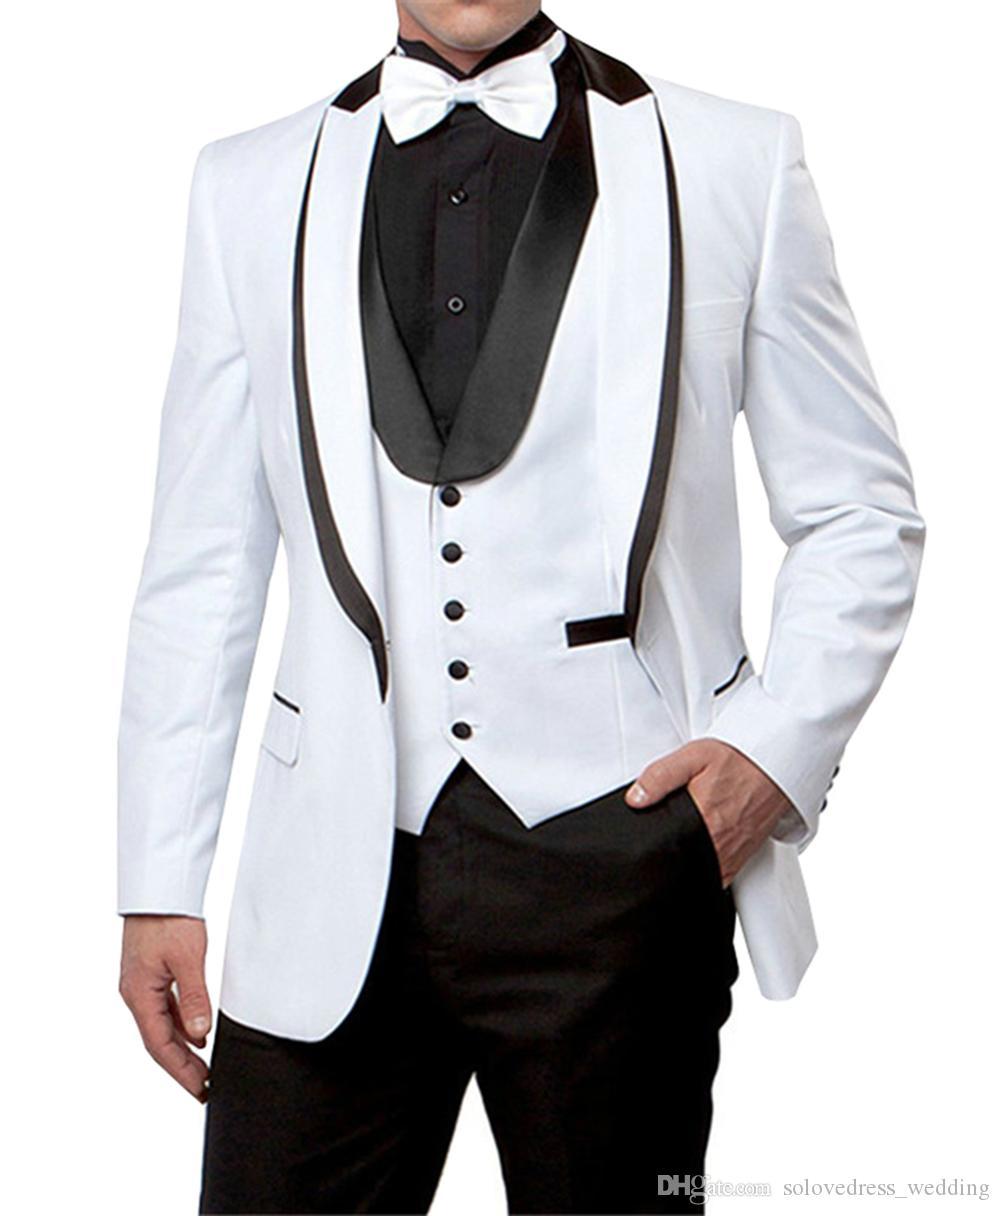 Nouveau Blanc Hommes Costumes Slim Fit Marié Tuxedos Blanc avec revers noir meilleurs hommes costumes Sur Mesure Groomsmen costumes